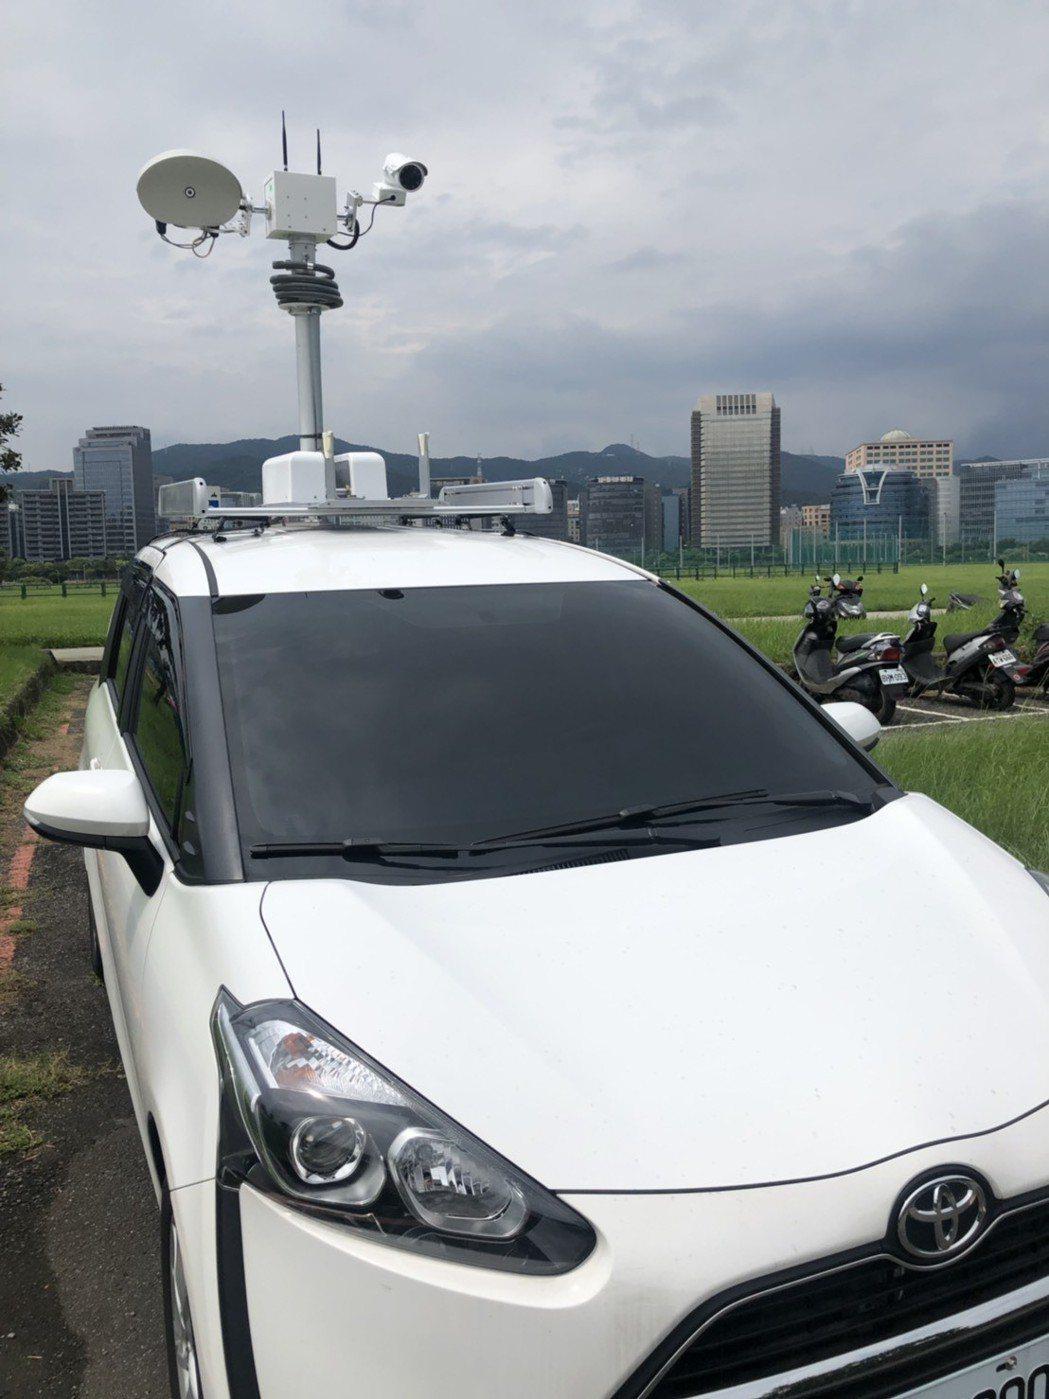 環保署開發的聲音照相系統可裝載於車頂到各處稽查。圖/環保署提供